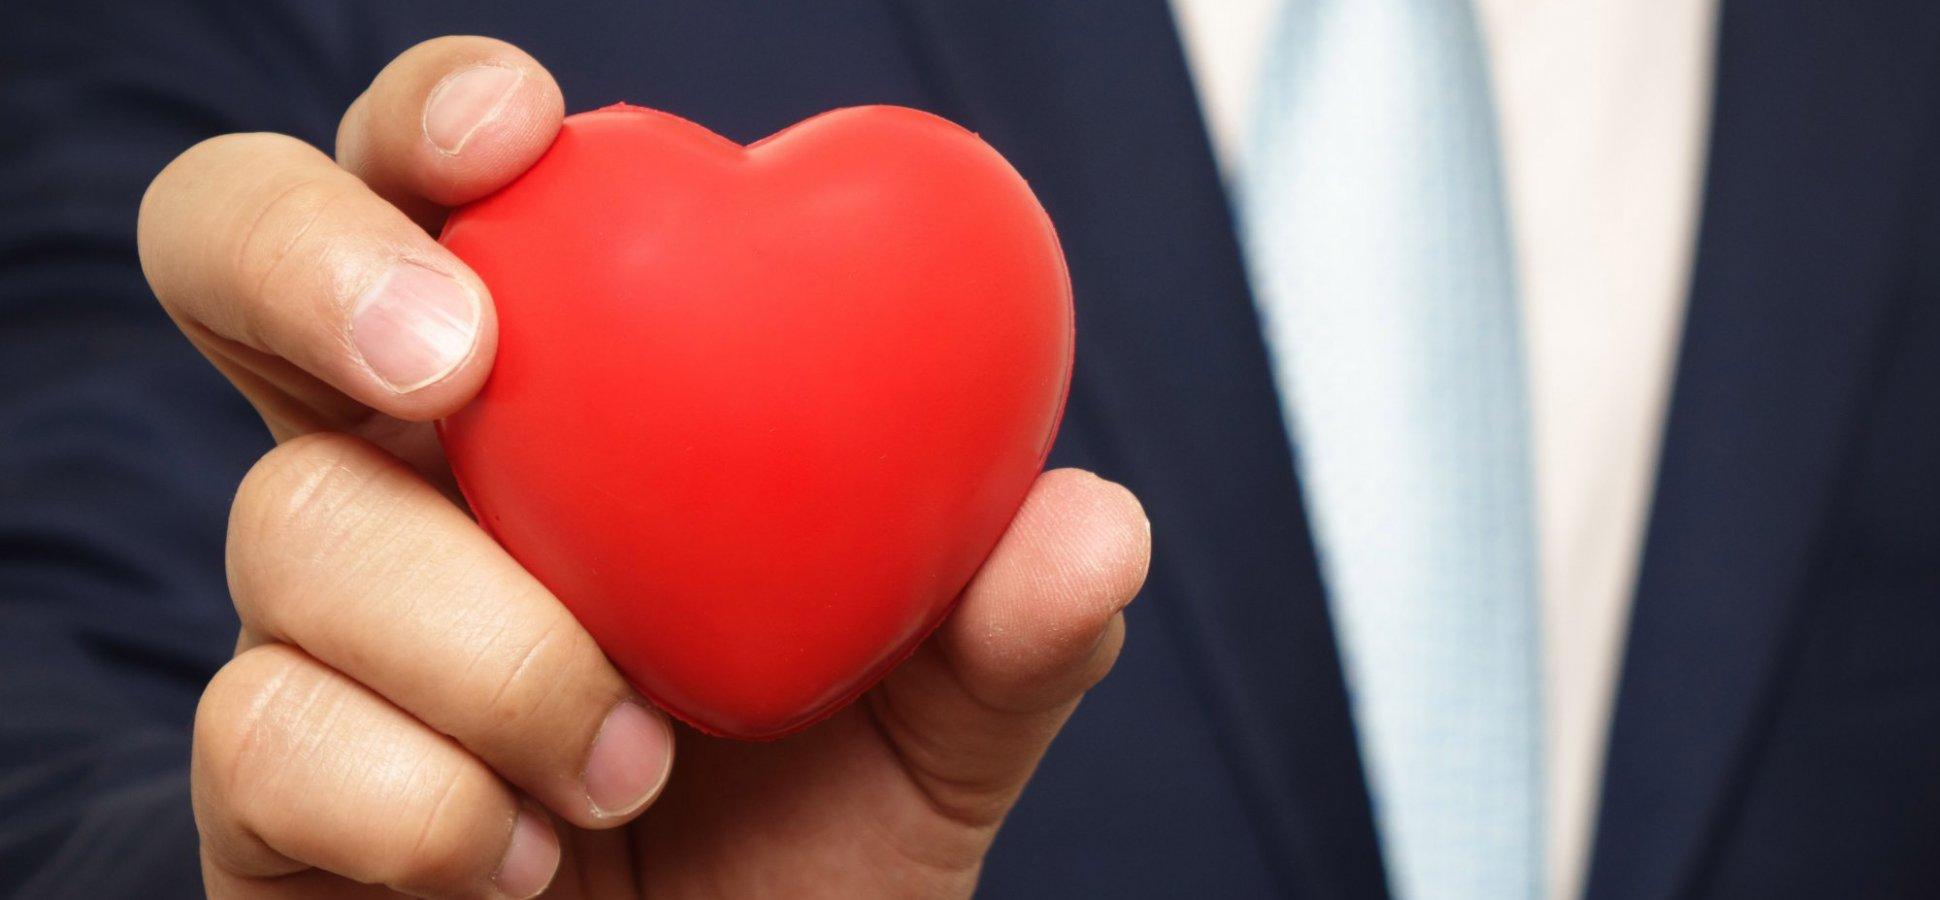 جملاتی زیبا از بزرگان در مورد عشق